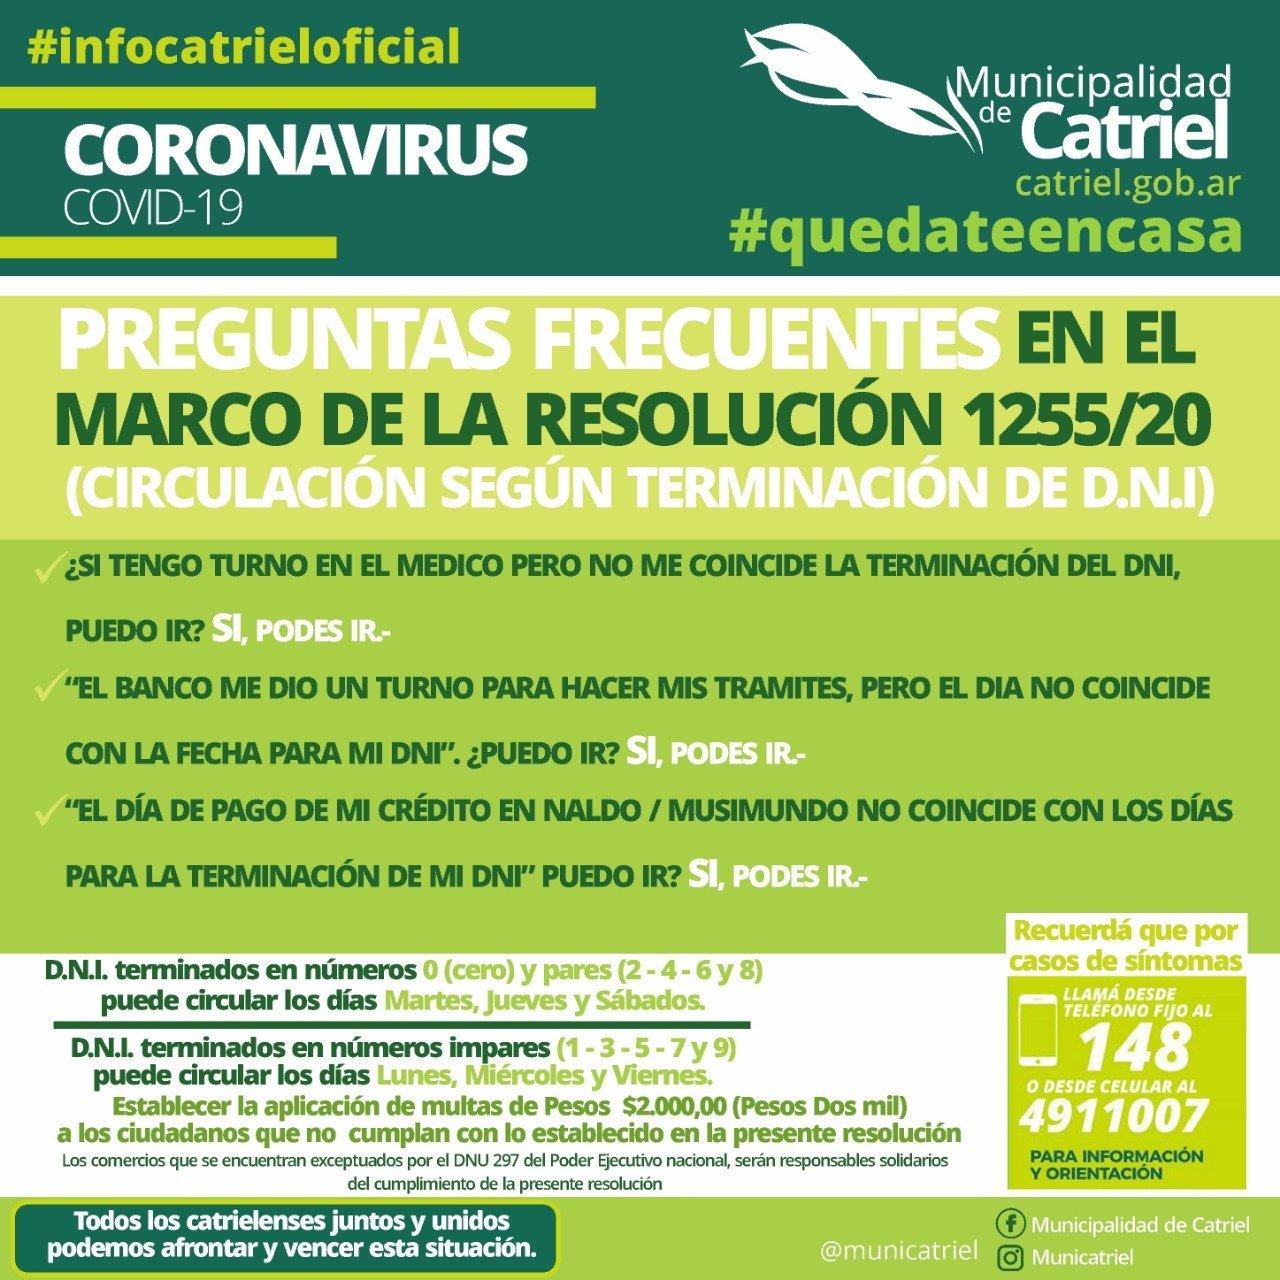 circular1 - Catriel25Noticias.com